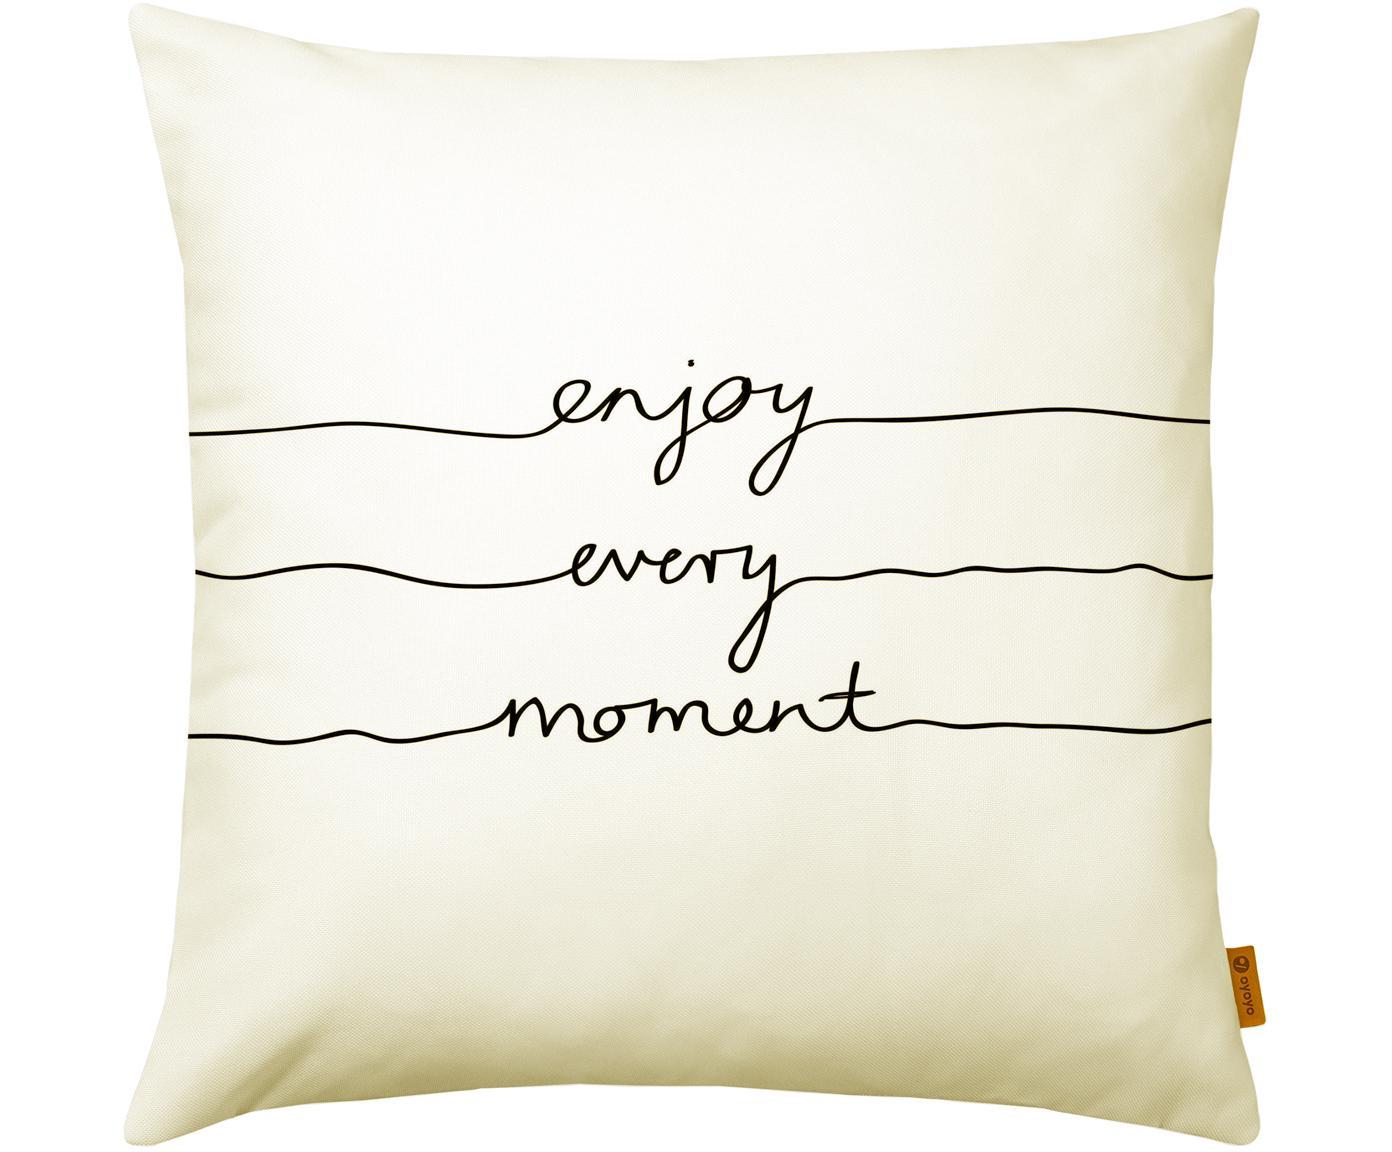 Poszewka na poduszkę Enjoy Every Moment, Poliester, Biały, czarny, 50 x 50 cm